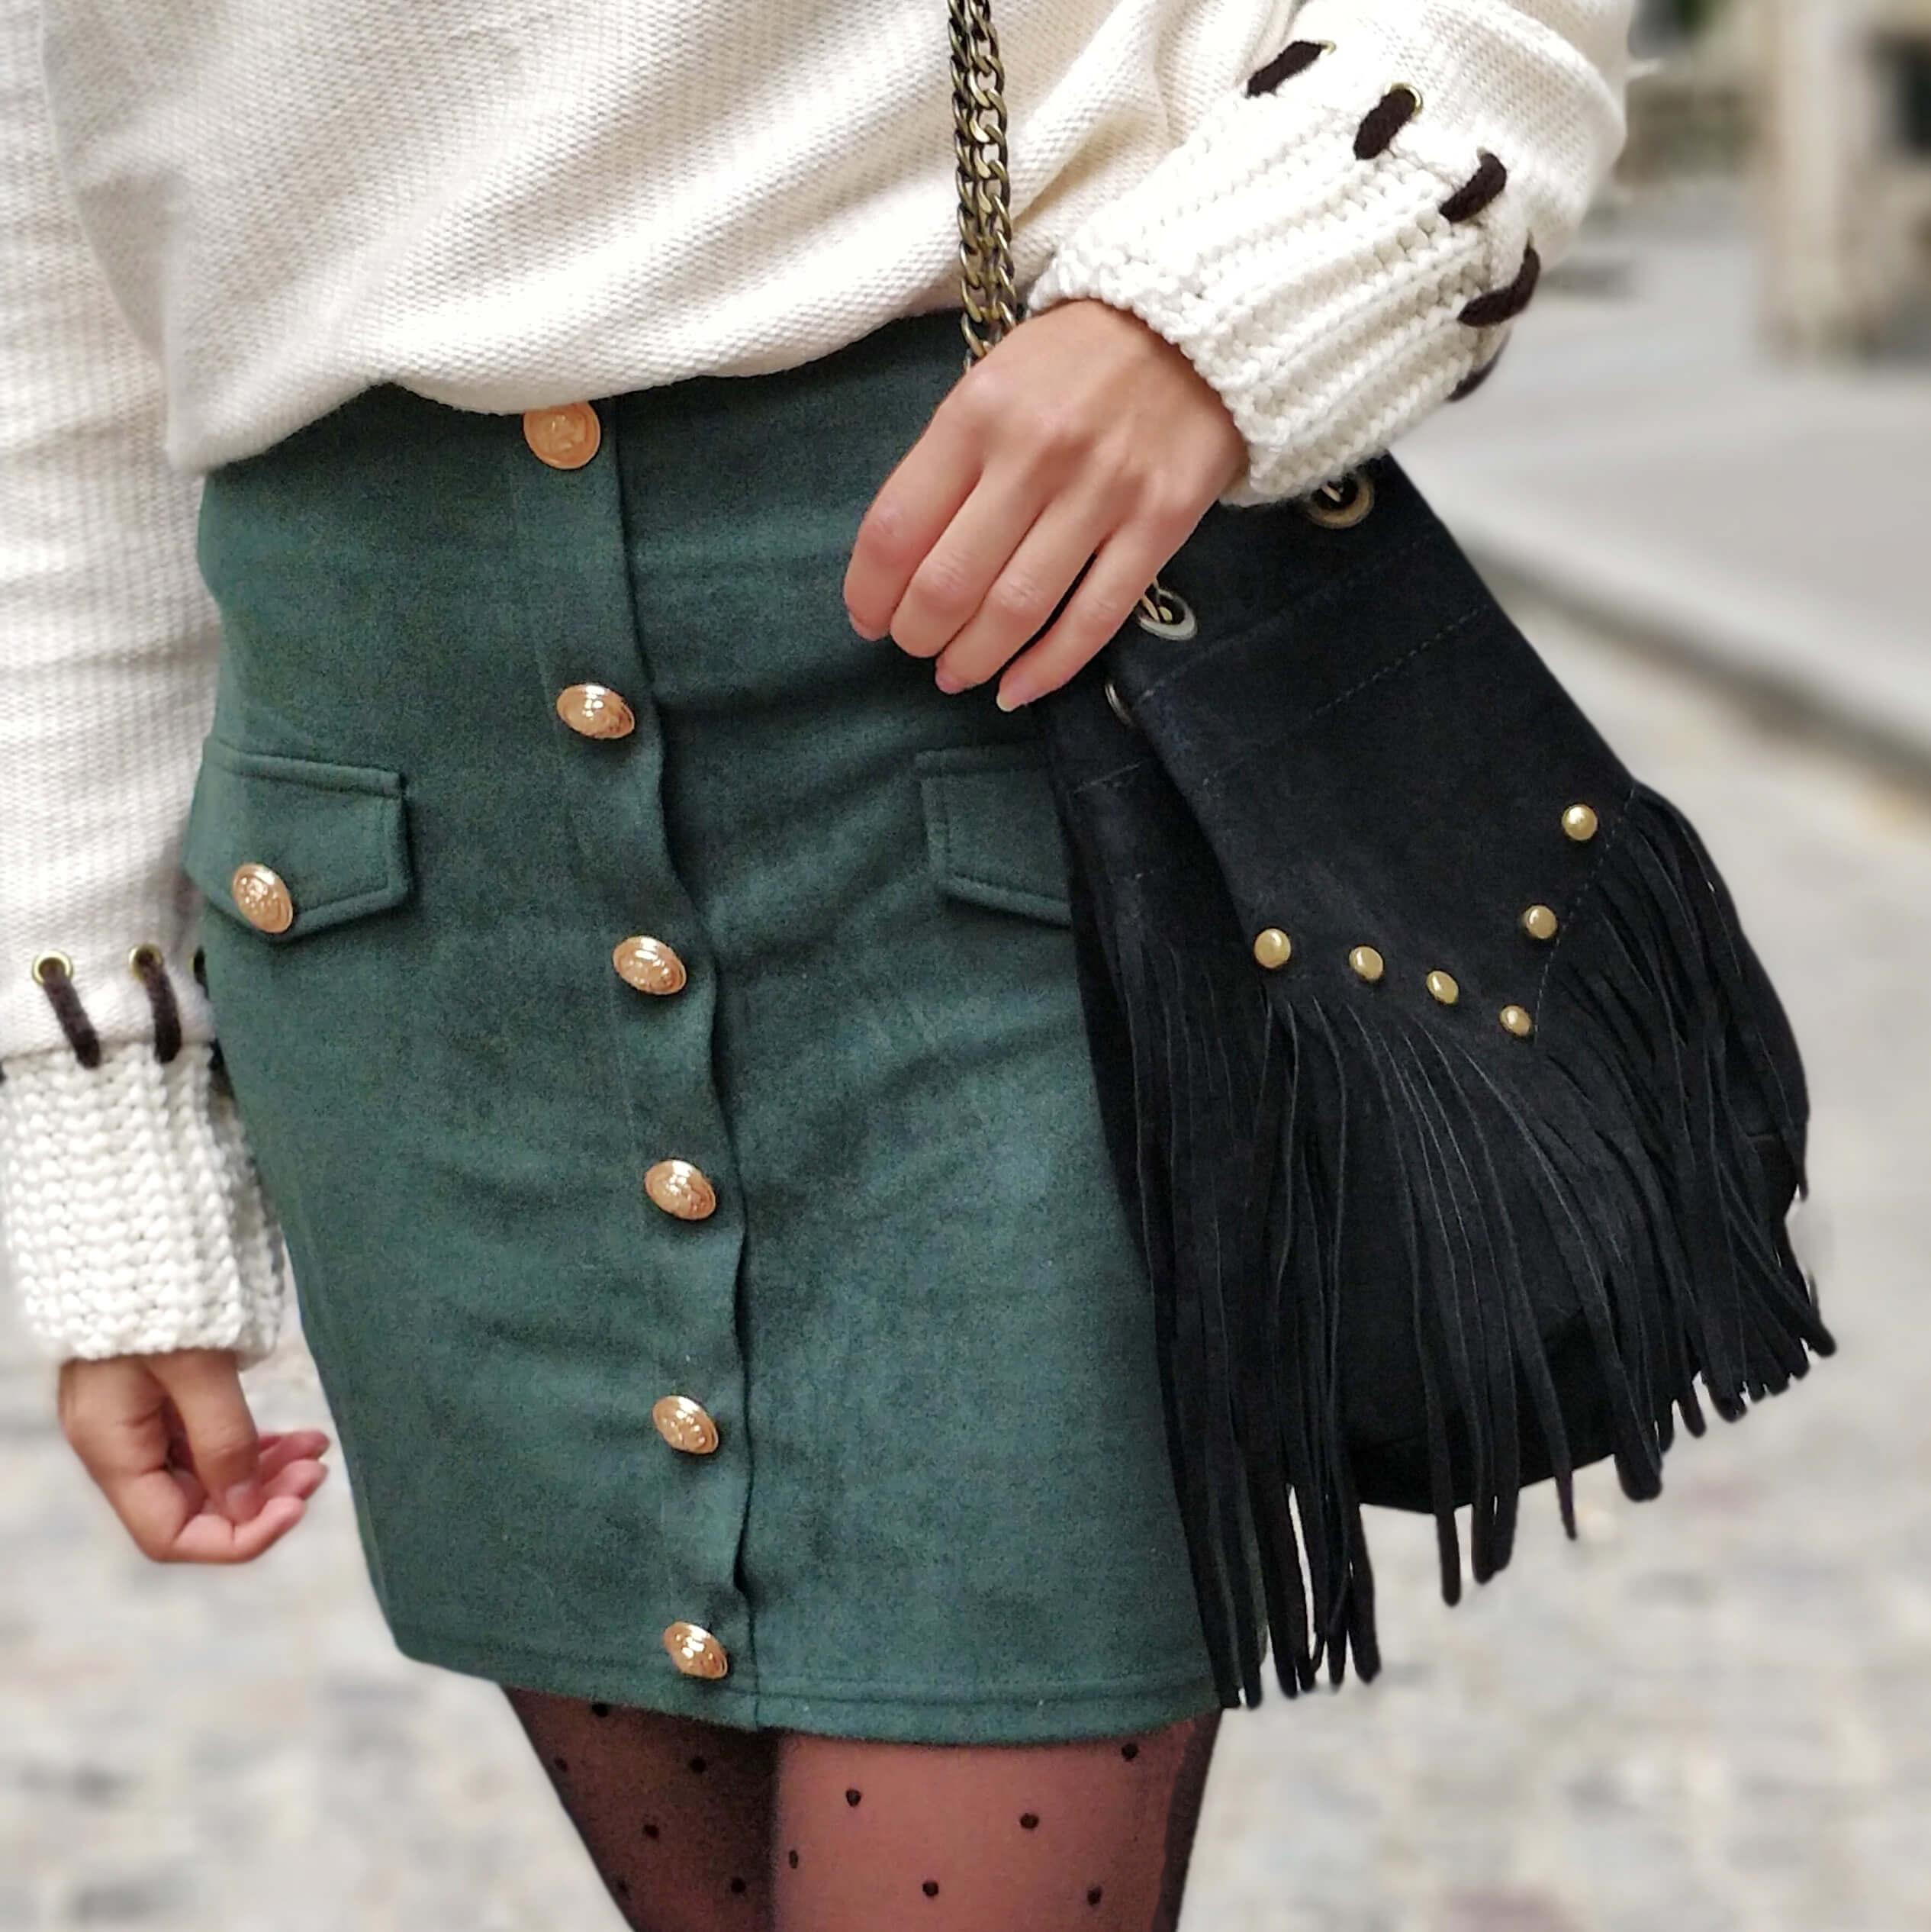 détails jupes sac franges blog mode 19 janvier - La couleur de l'hiver